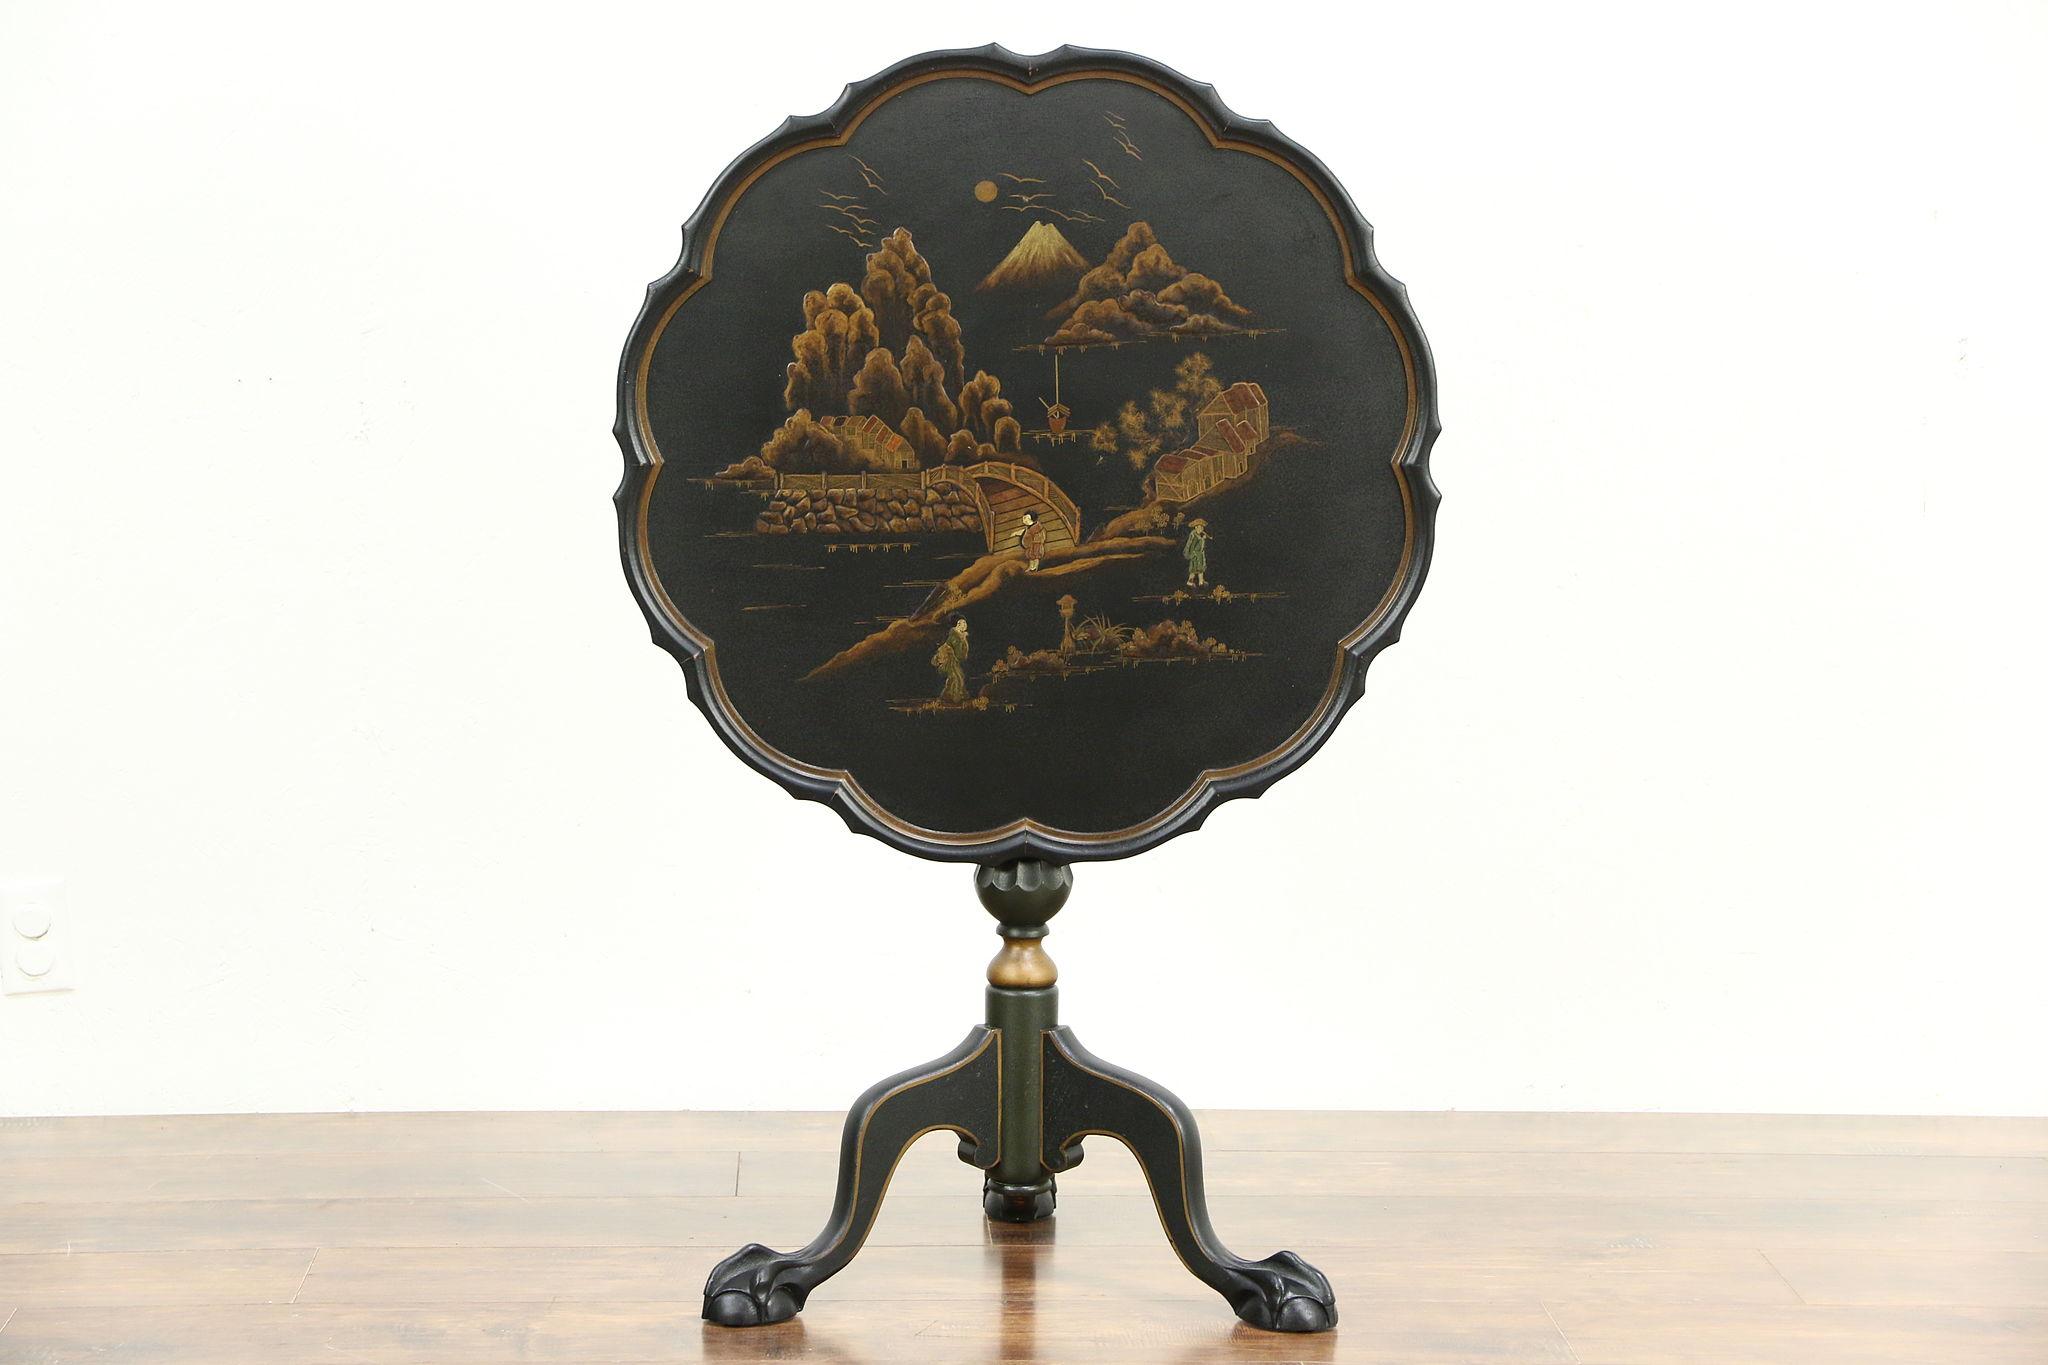 Antique Chinese Tea Table Best 2000 Antique Decor Ideas